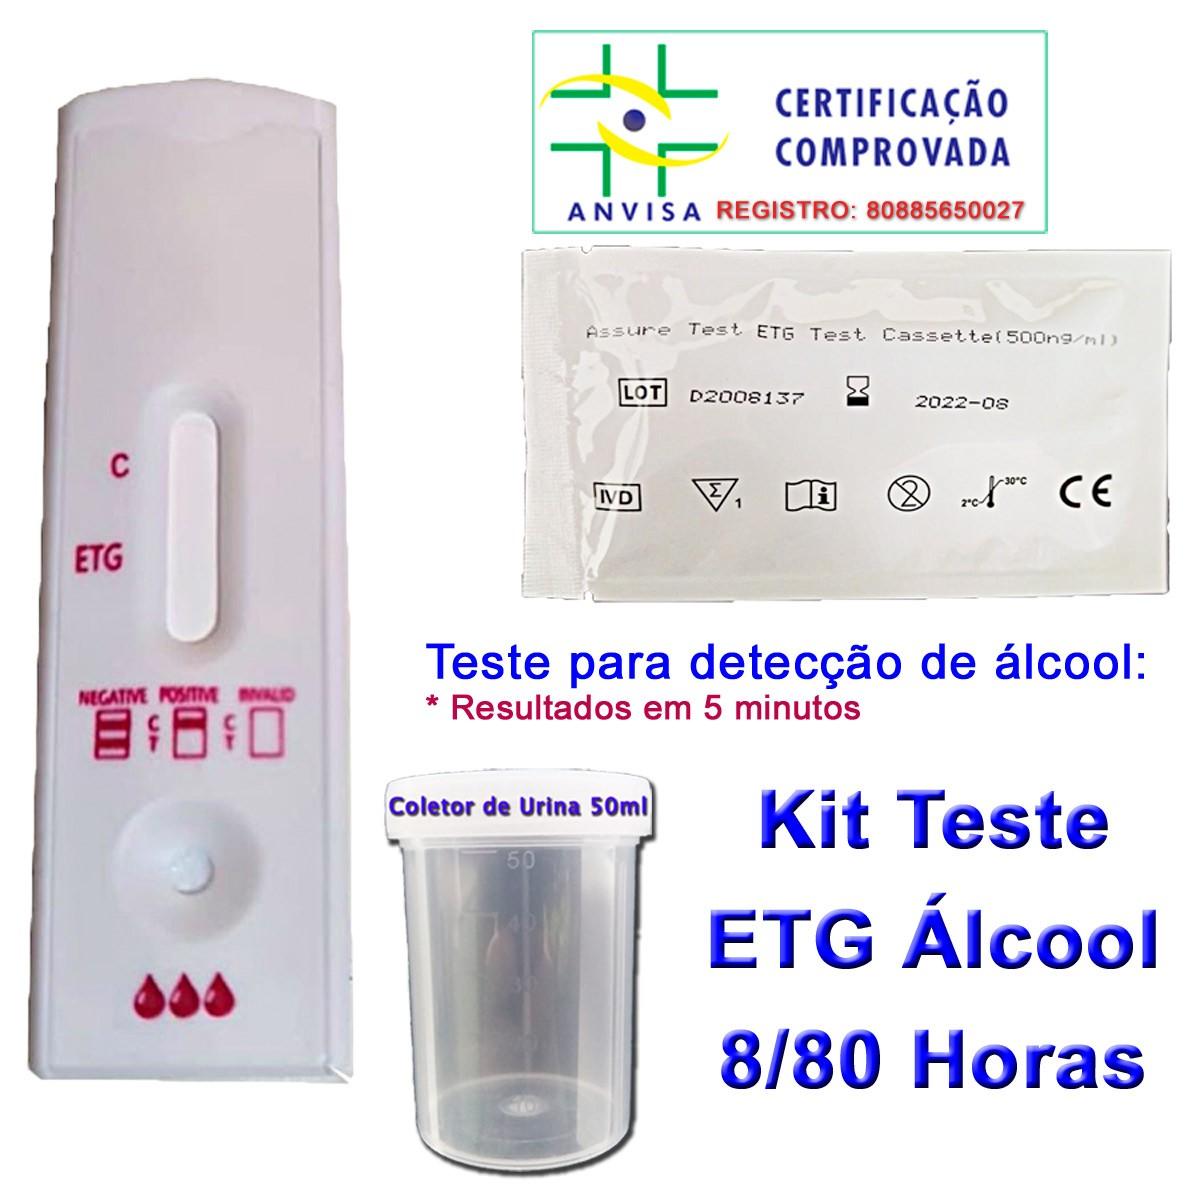 10 Testes Etg de Álcool Pela Urina  - Testes Para Drogas e COVID-19. Máscaras e Como Parar de Beber e Fumar